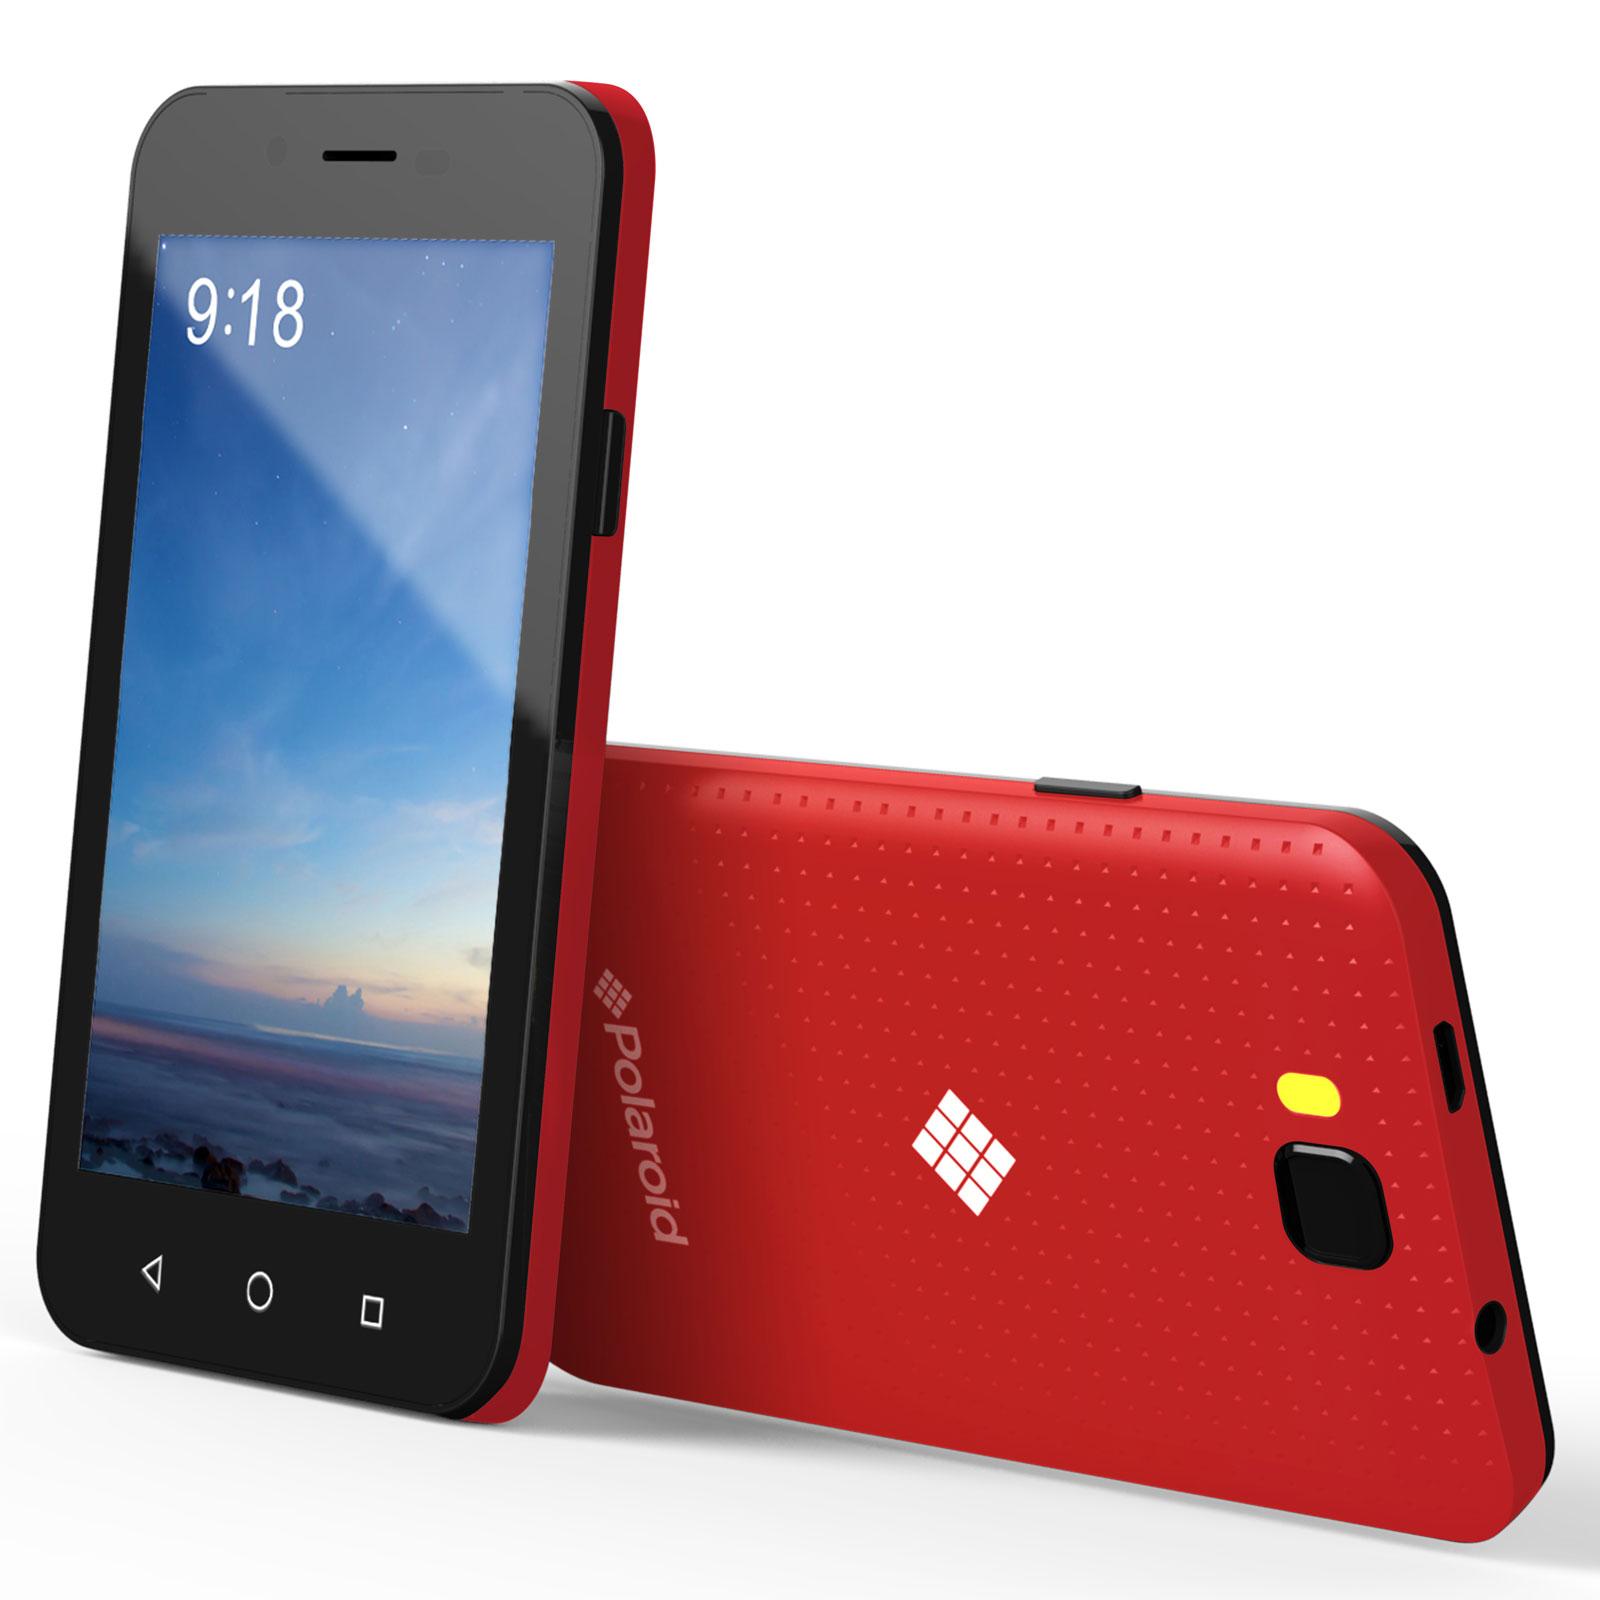 polaroid tilia 4 noir coque rouge mobile smartphone polaroid sur ldlc. Black Bedroom Furniture Sets. Home Design Ideas